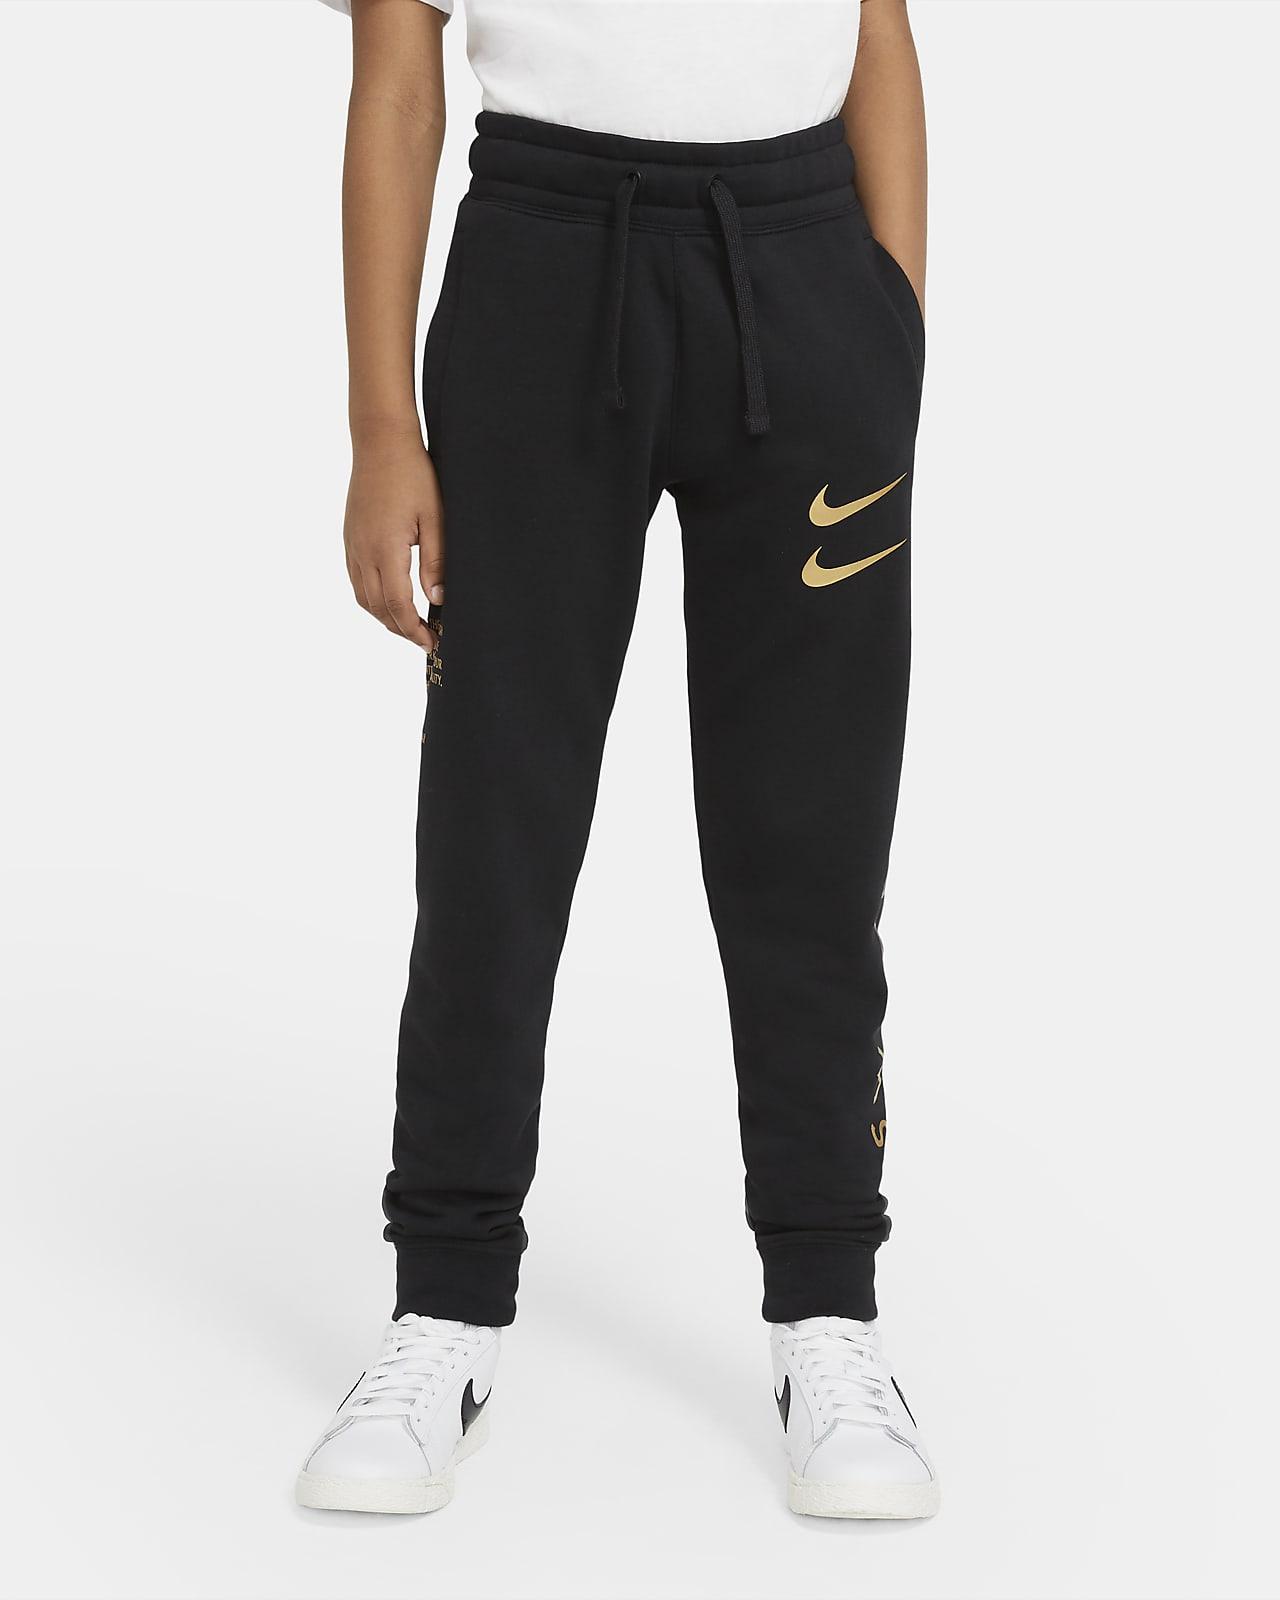 Nike Sportswear Swoosh Hose für ältere Kinder (Jungen)